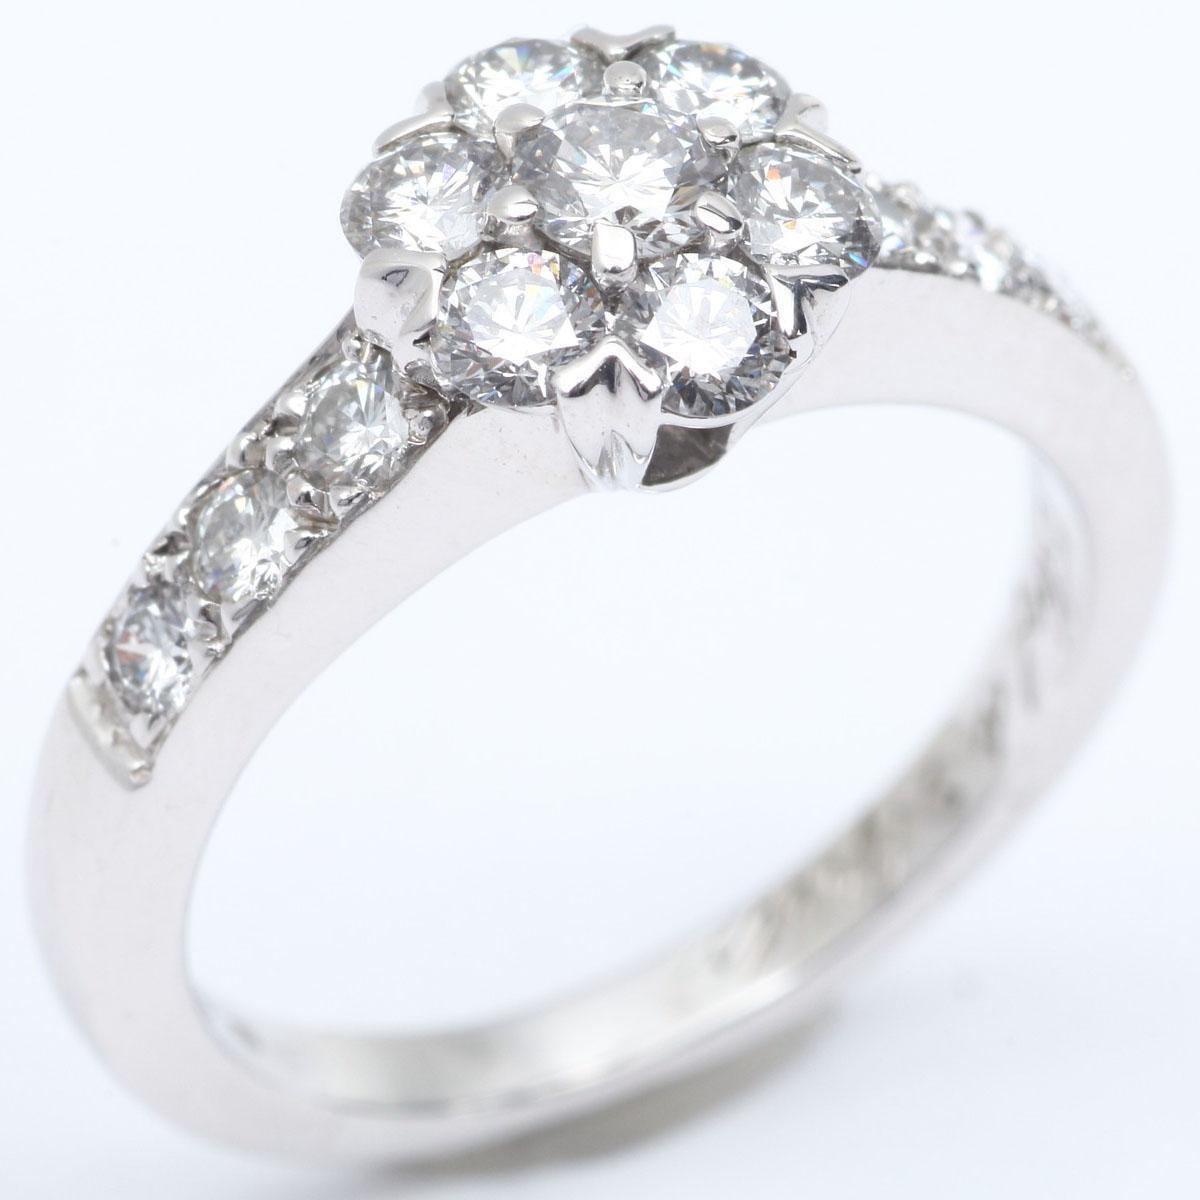 フルーレットダイヤモンド リング 指輪/SALE/激安/おしゃれ/プレゼント 9号